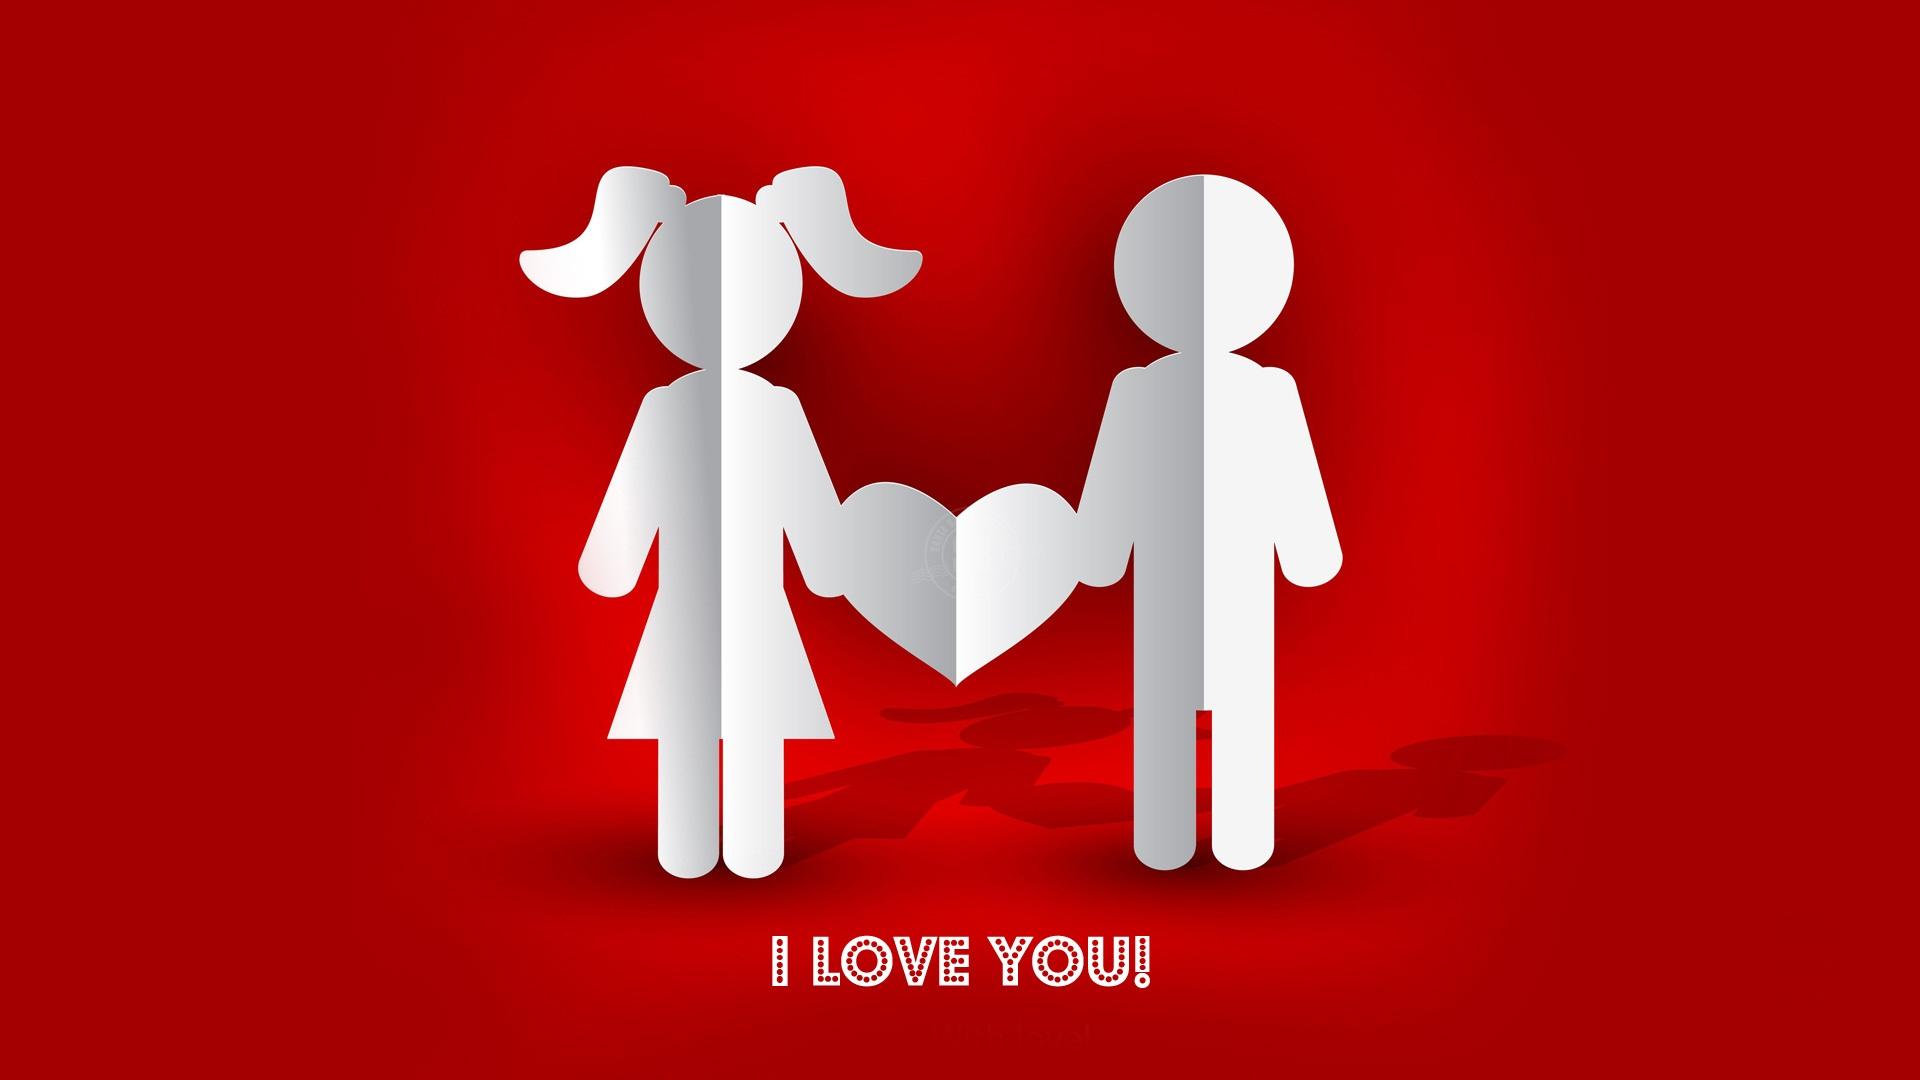 i love you wallpapers 10 خلفيات سطح المكتب i love you wallpapers